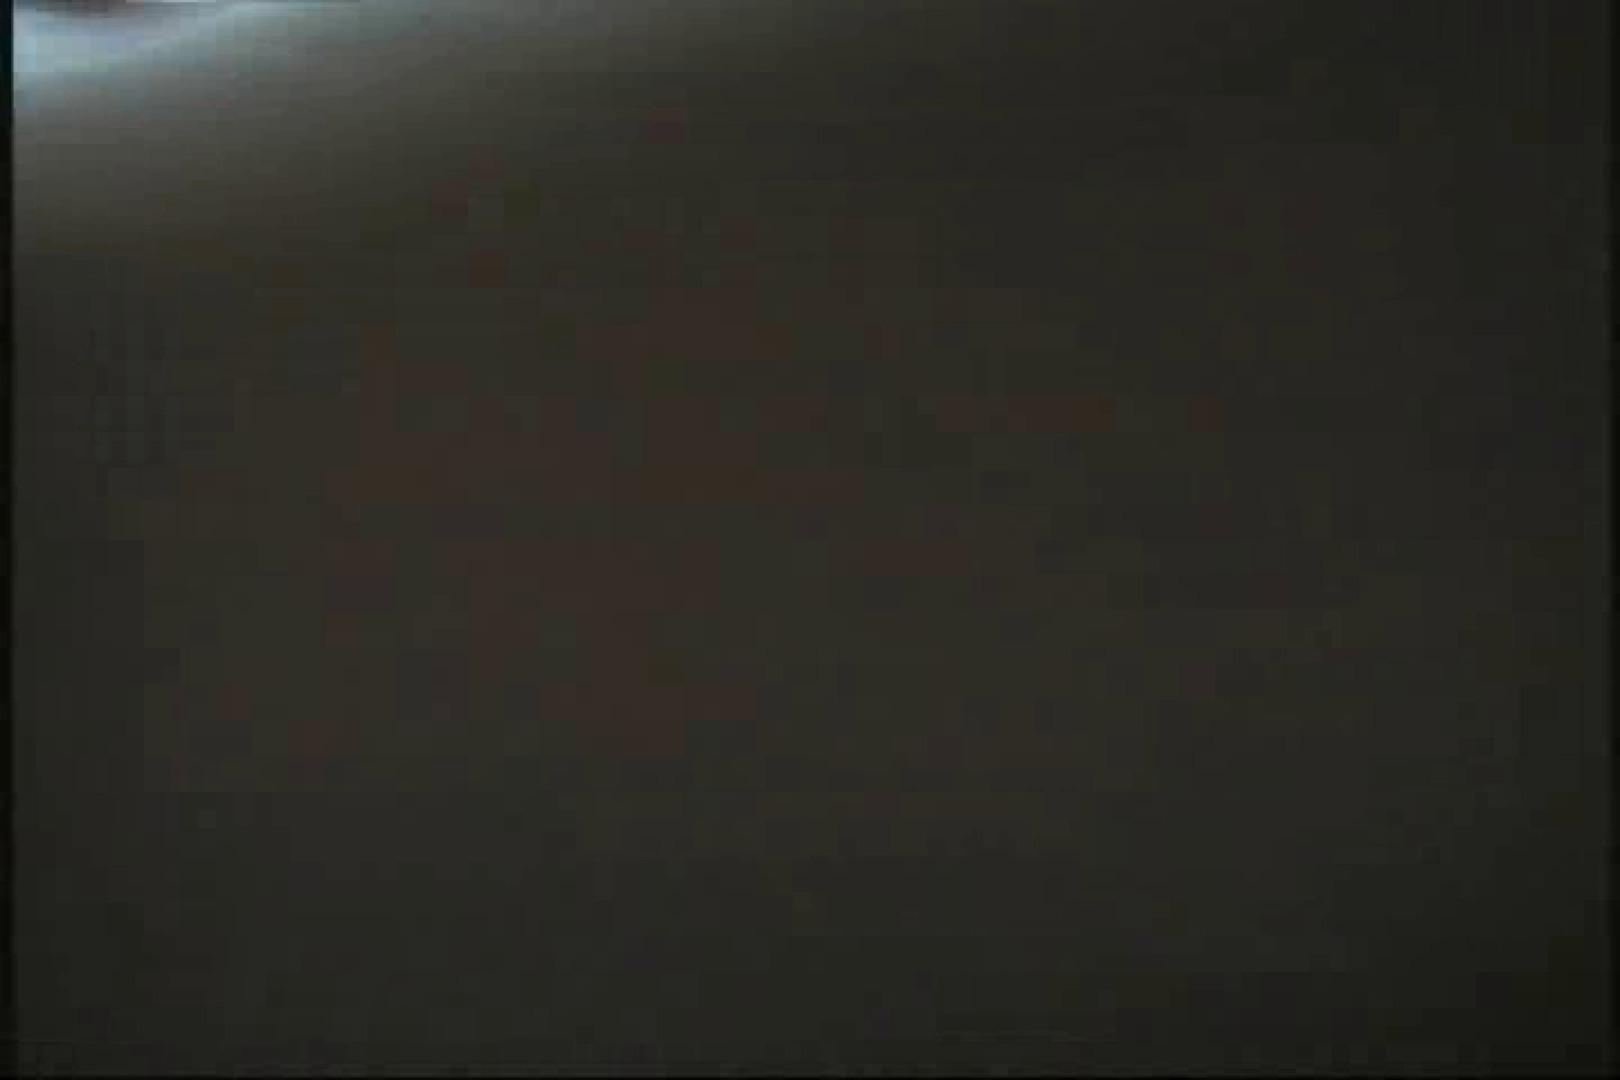 いっくんの調教シリーズ「未亡人みずほ27歳市役所職員」Vol.7 浴衣  67画像 16